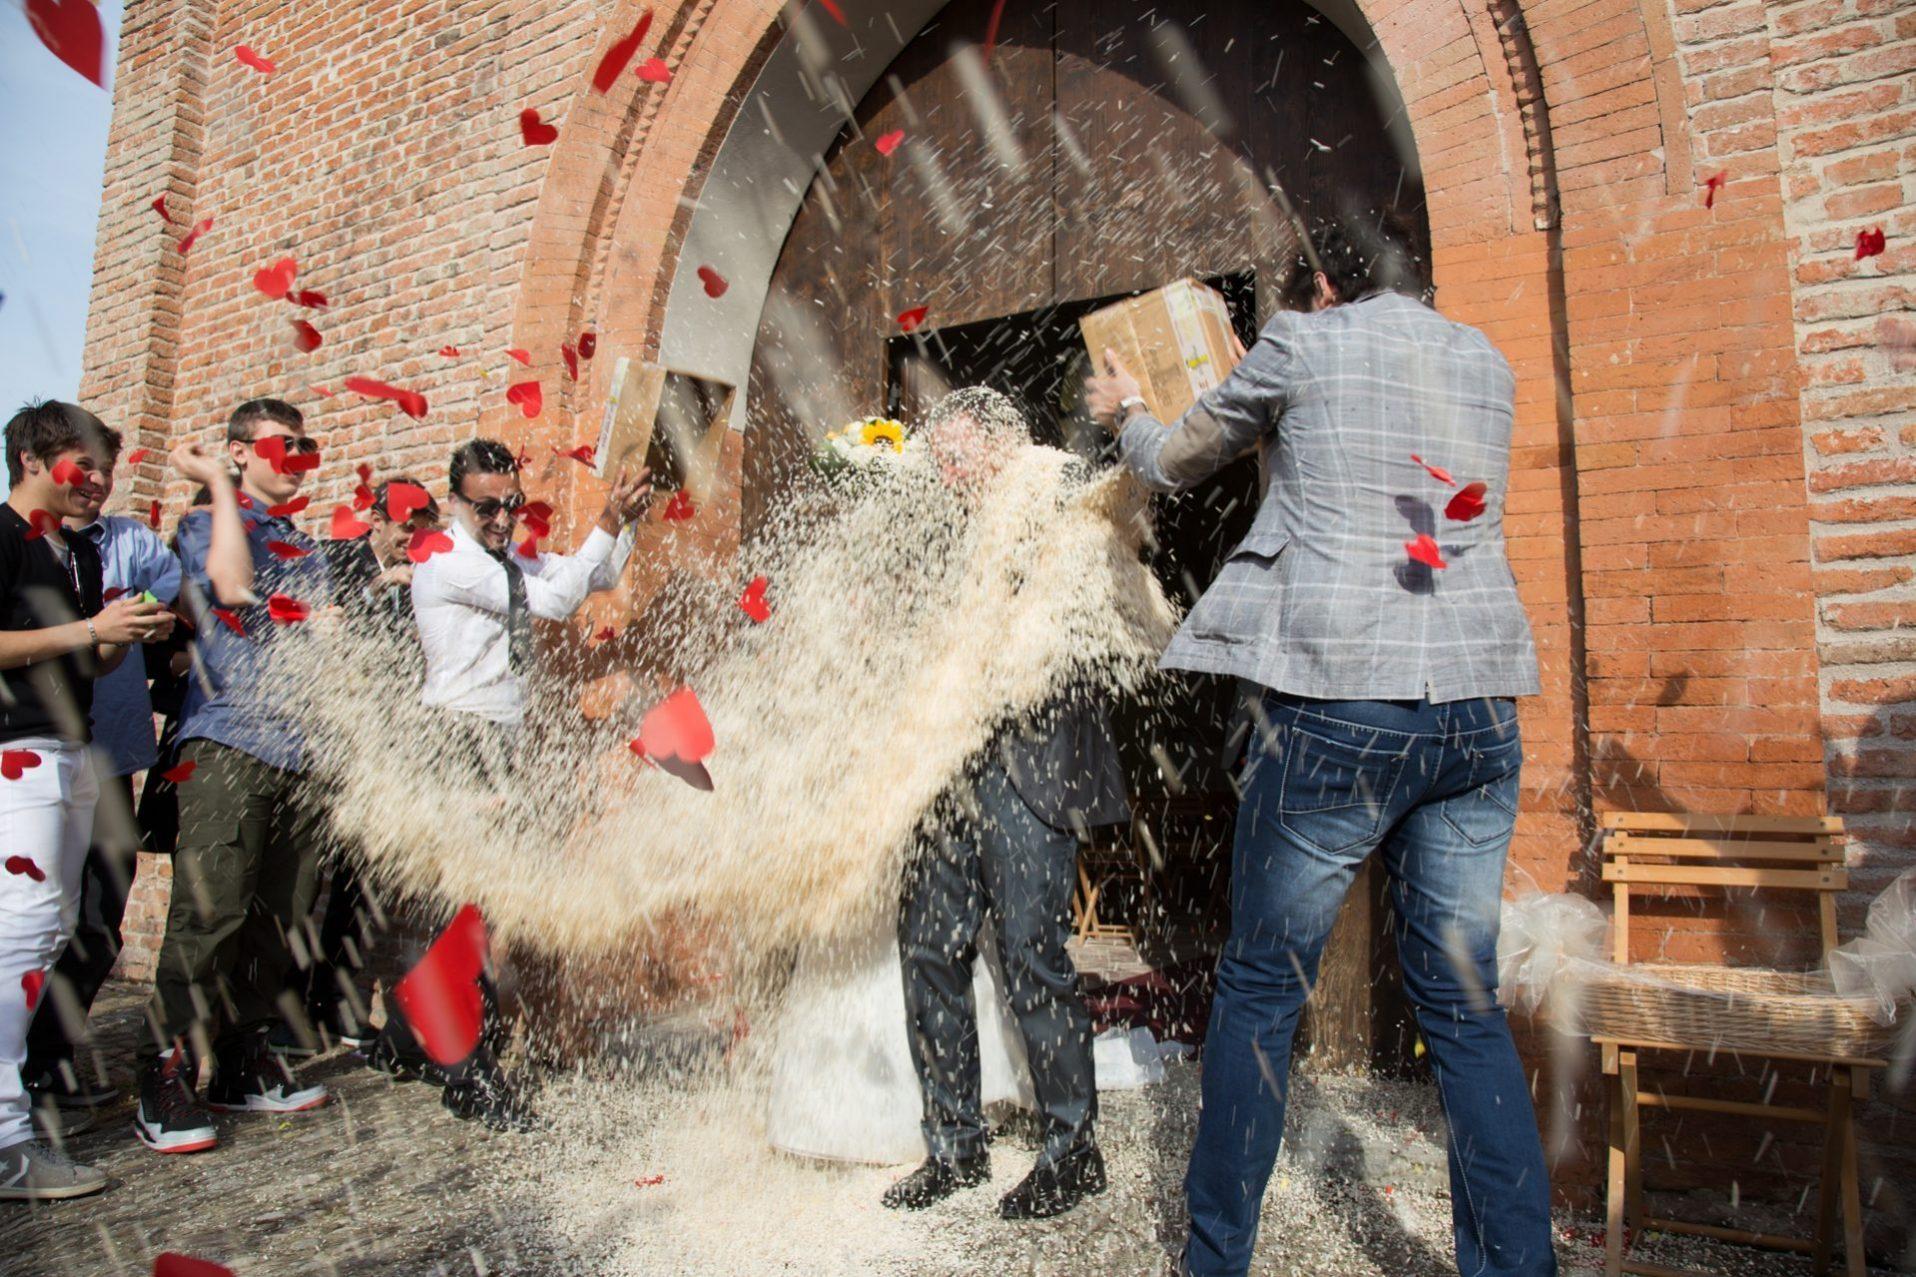 Matrimonio Bologna. Lancio del riso all'uscita della chiesa